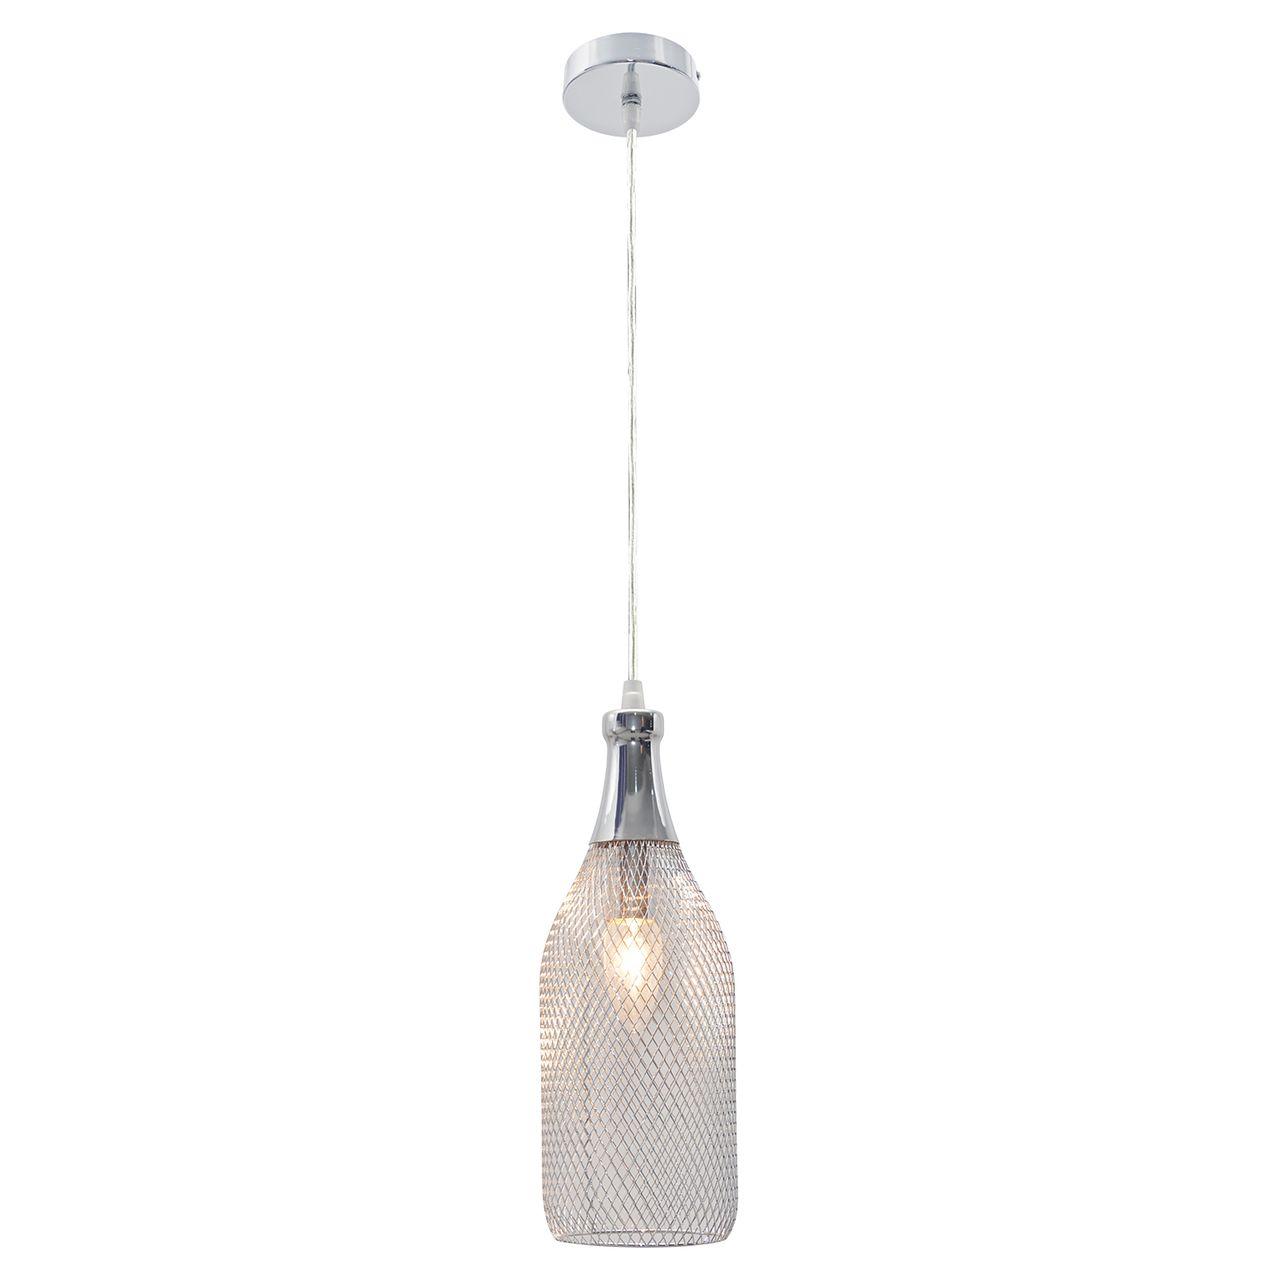 лучшая цена Настенно-потолочный светильник Lussole LOFT, E14, 40 Вт